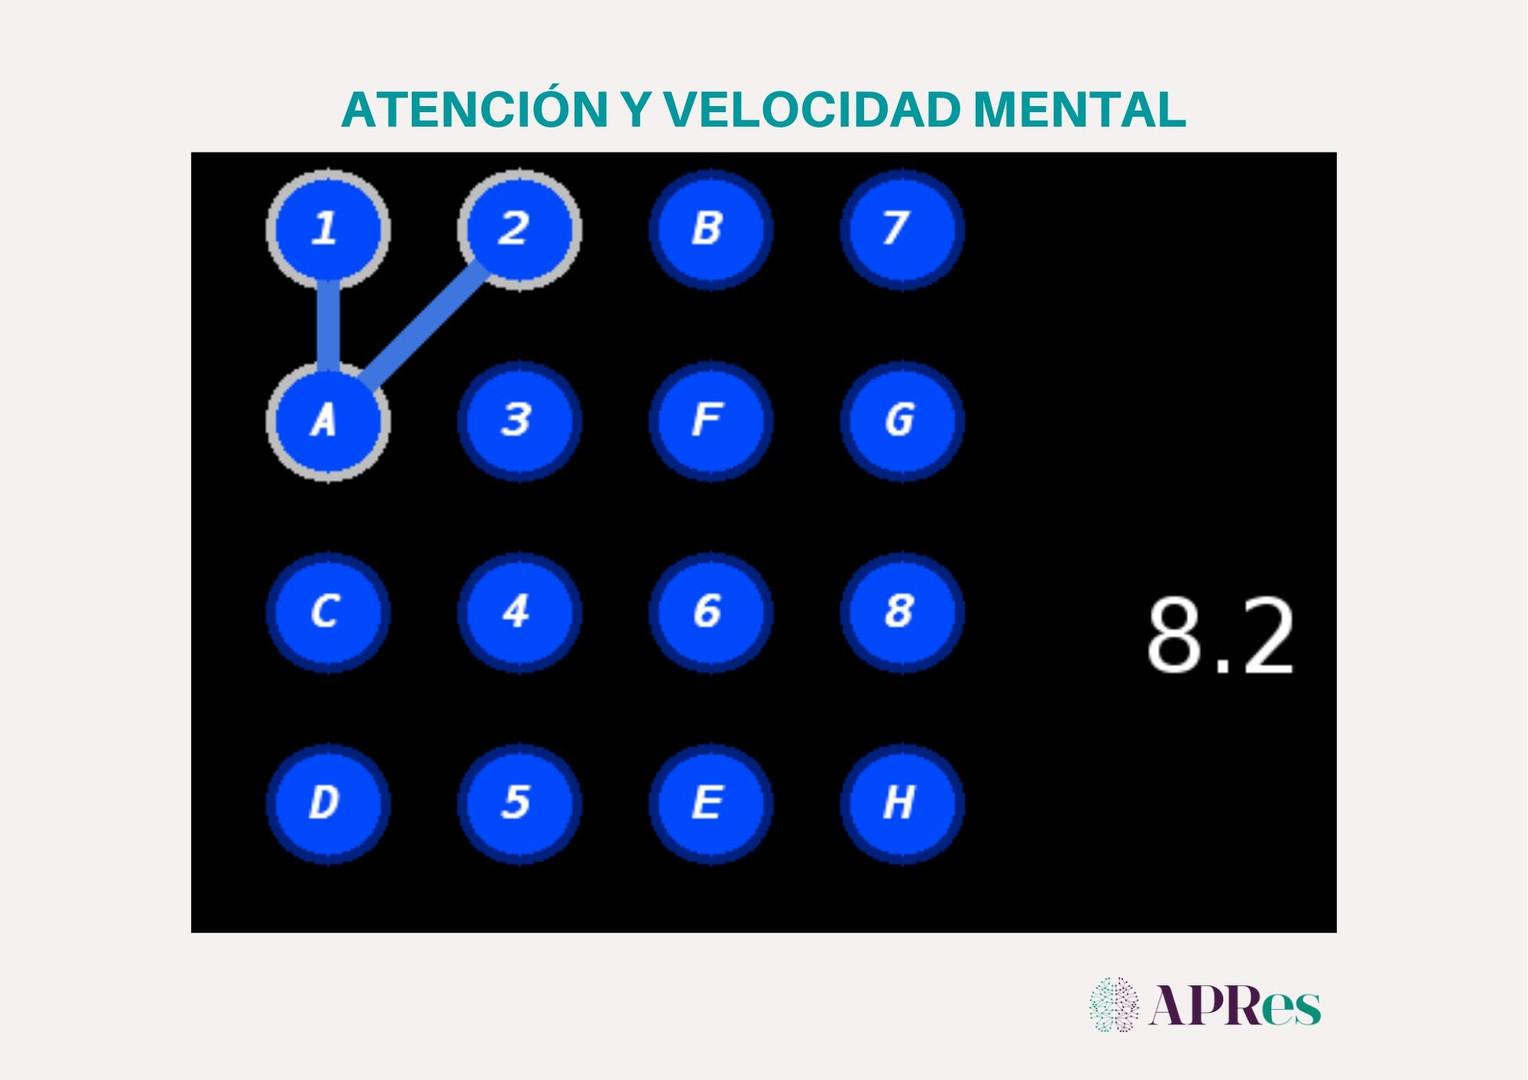 Atención y velocidad mental